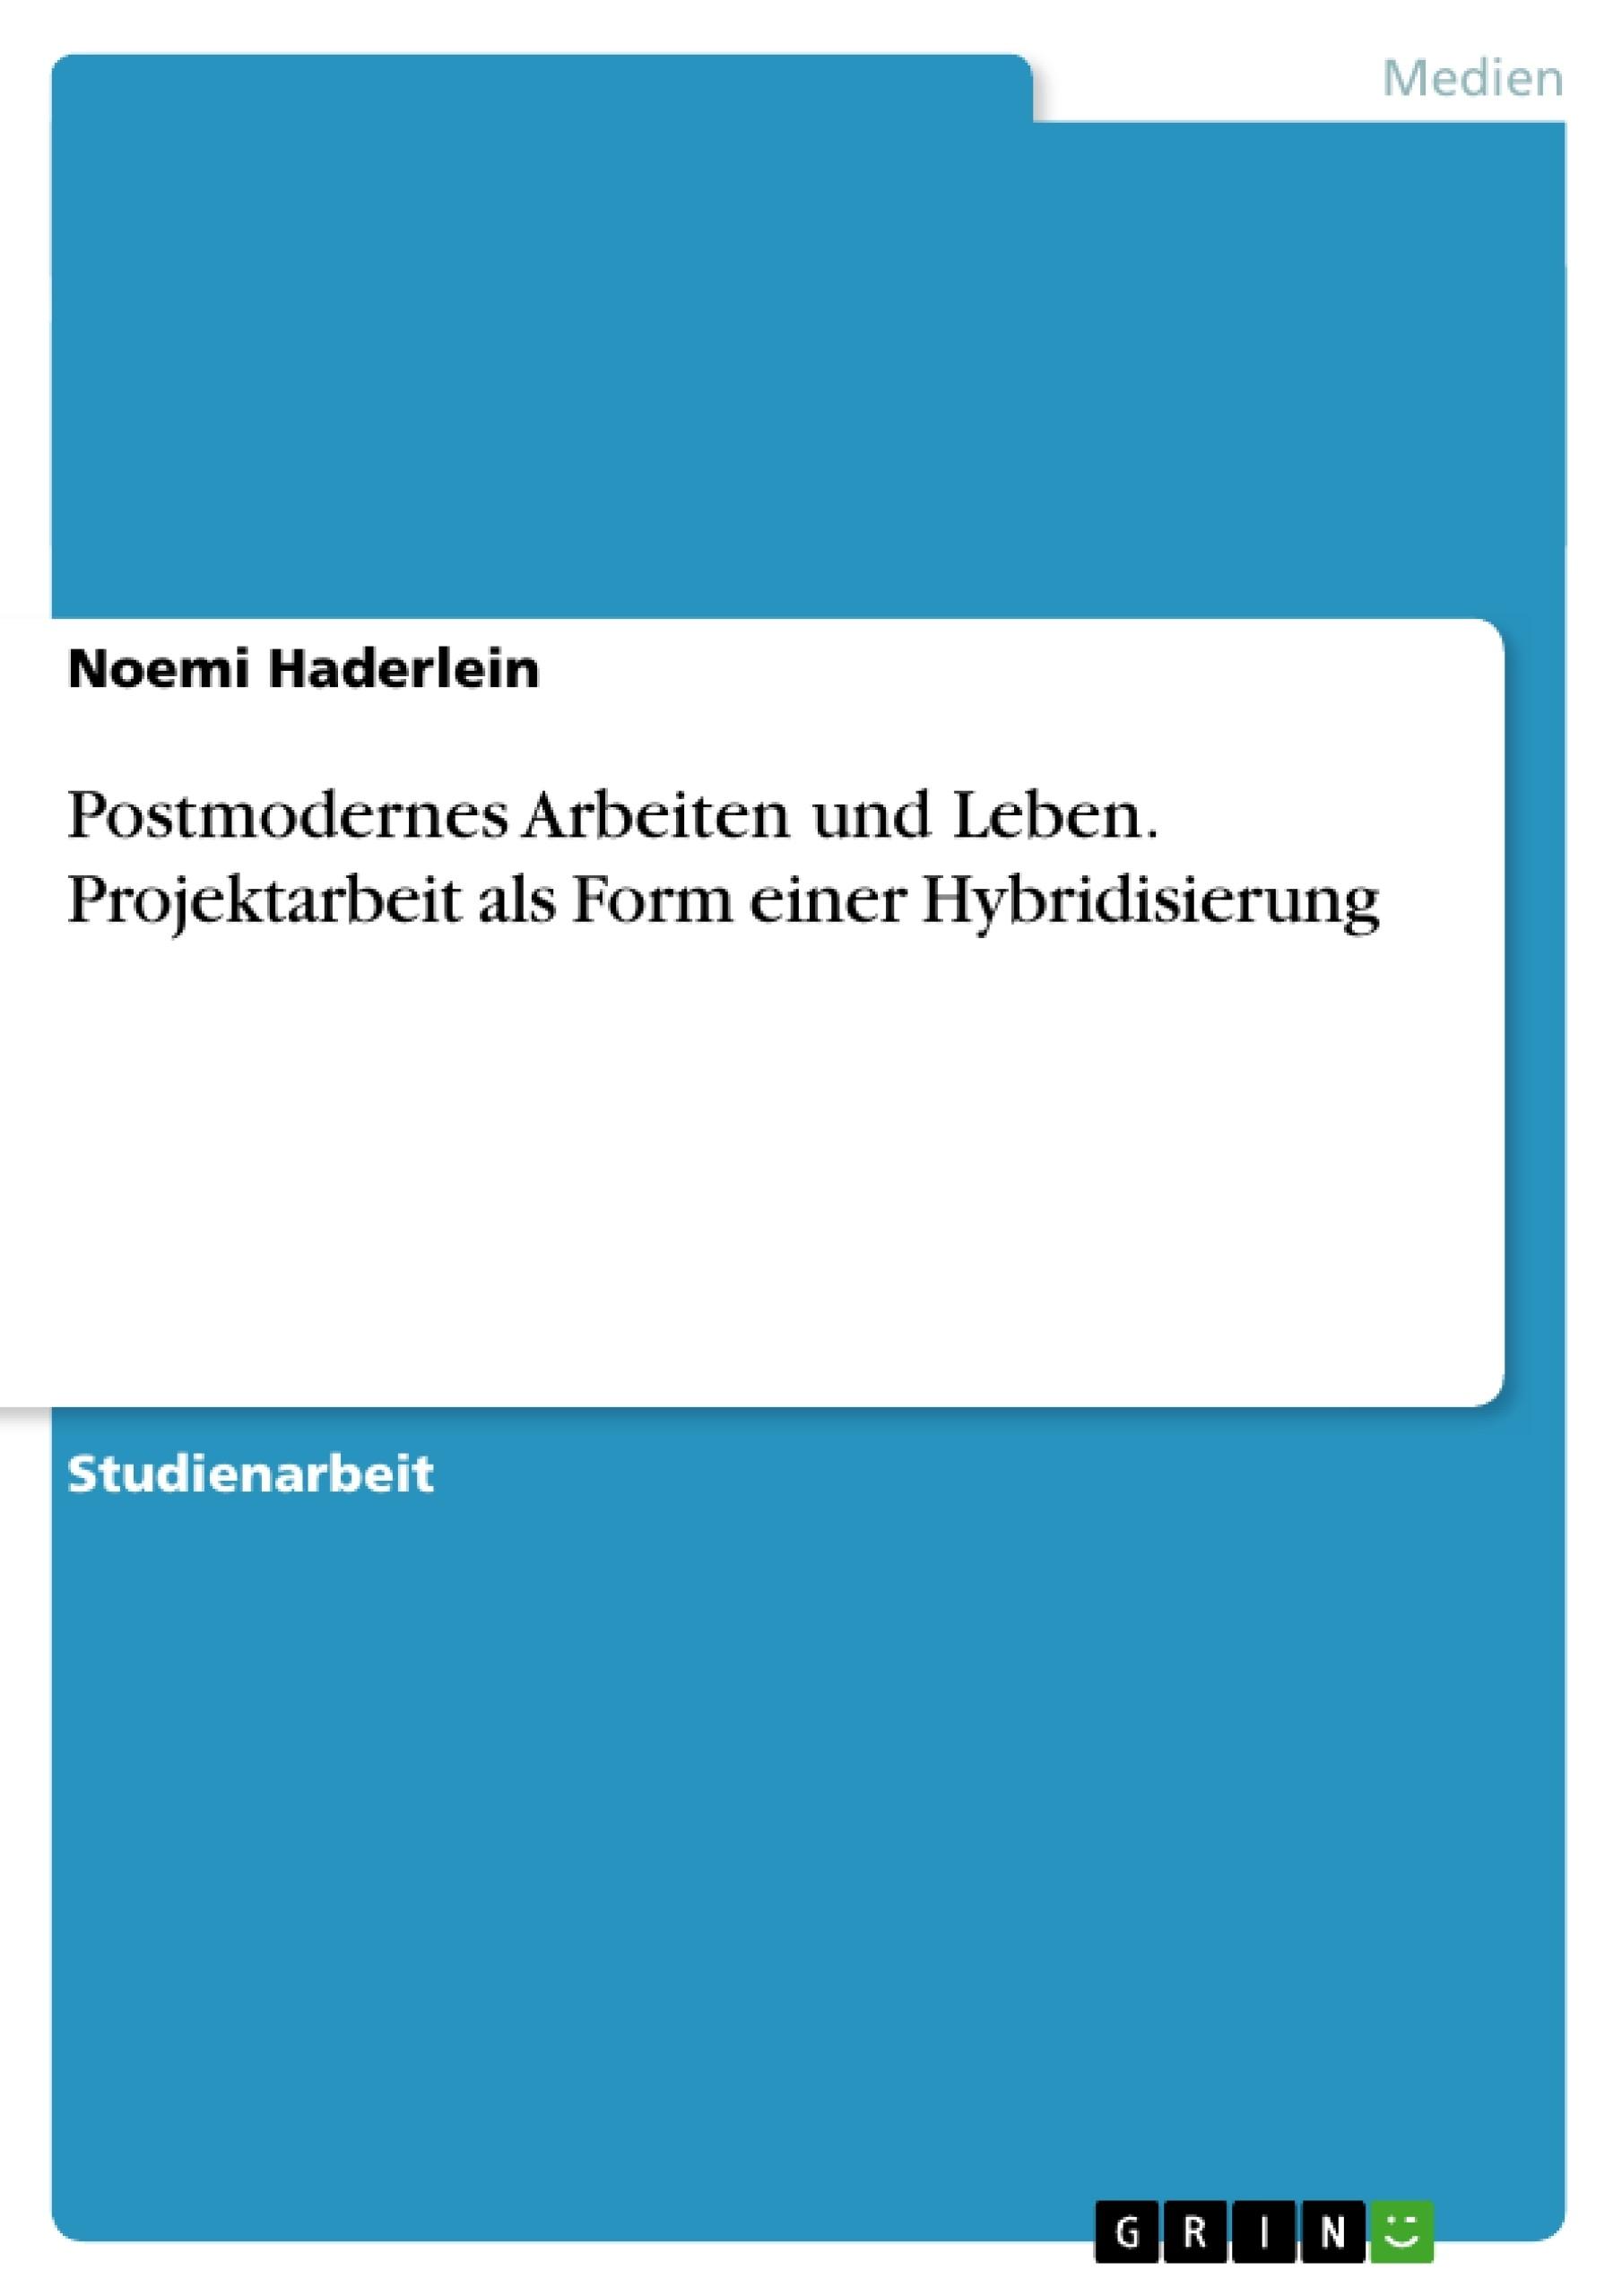 Titel: Postmodernes Arbeiten und Leben. Projektarbeit als Form einer Hybridisierung